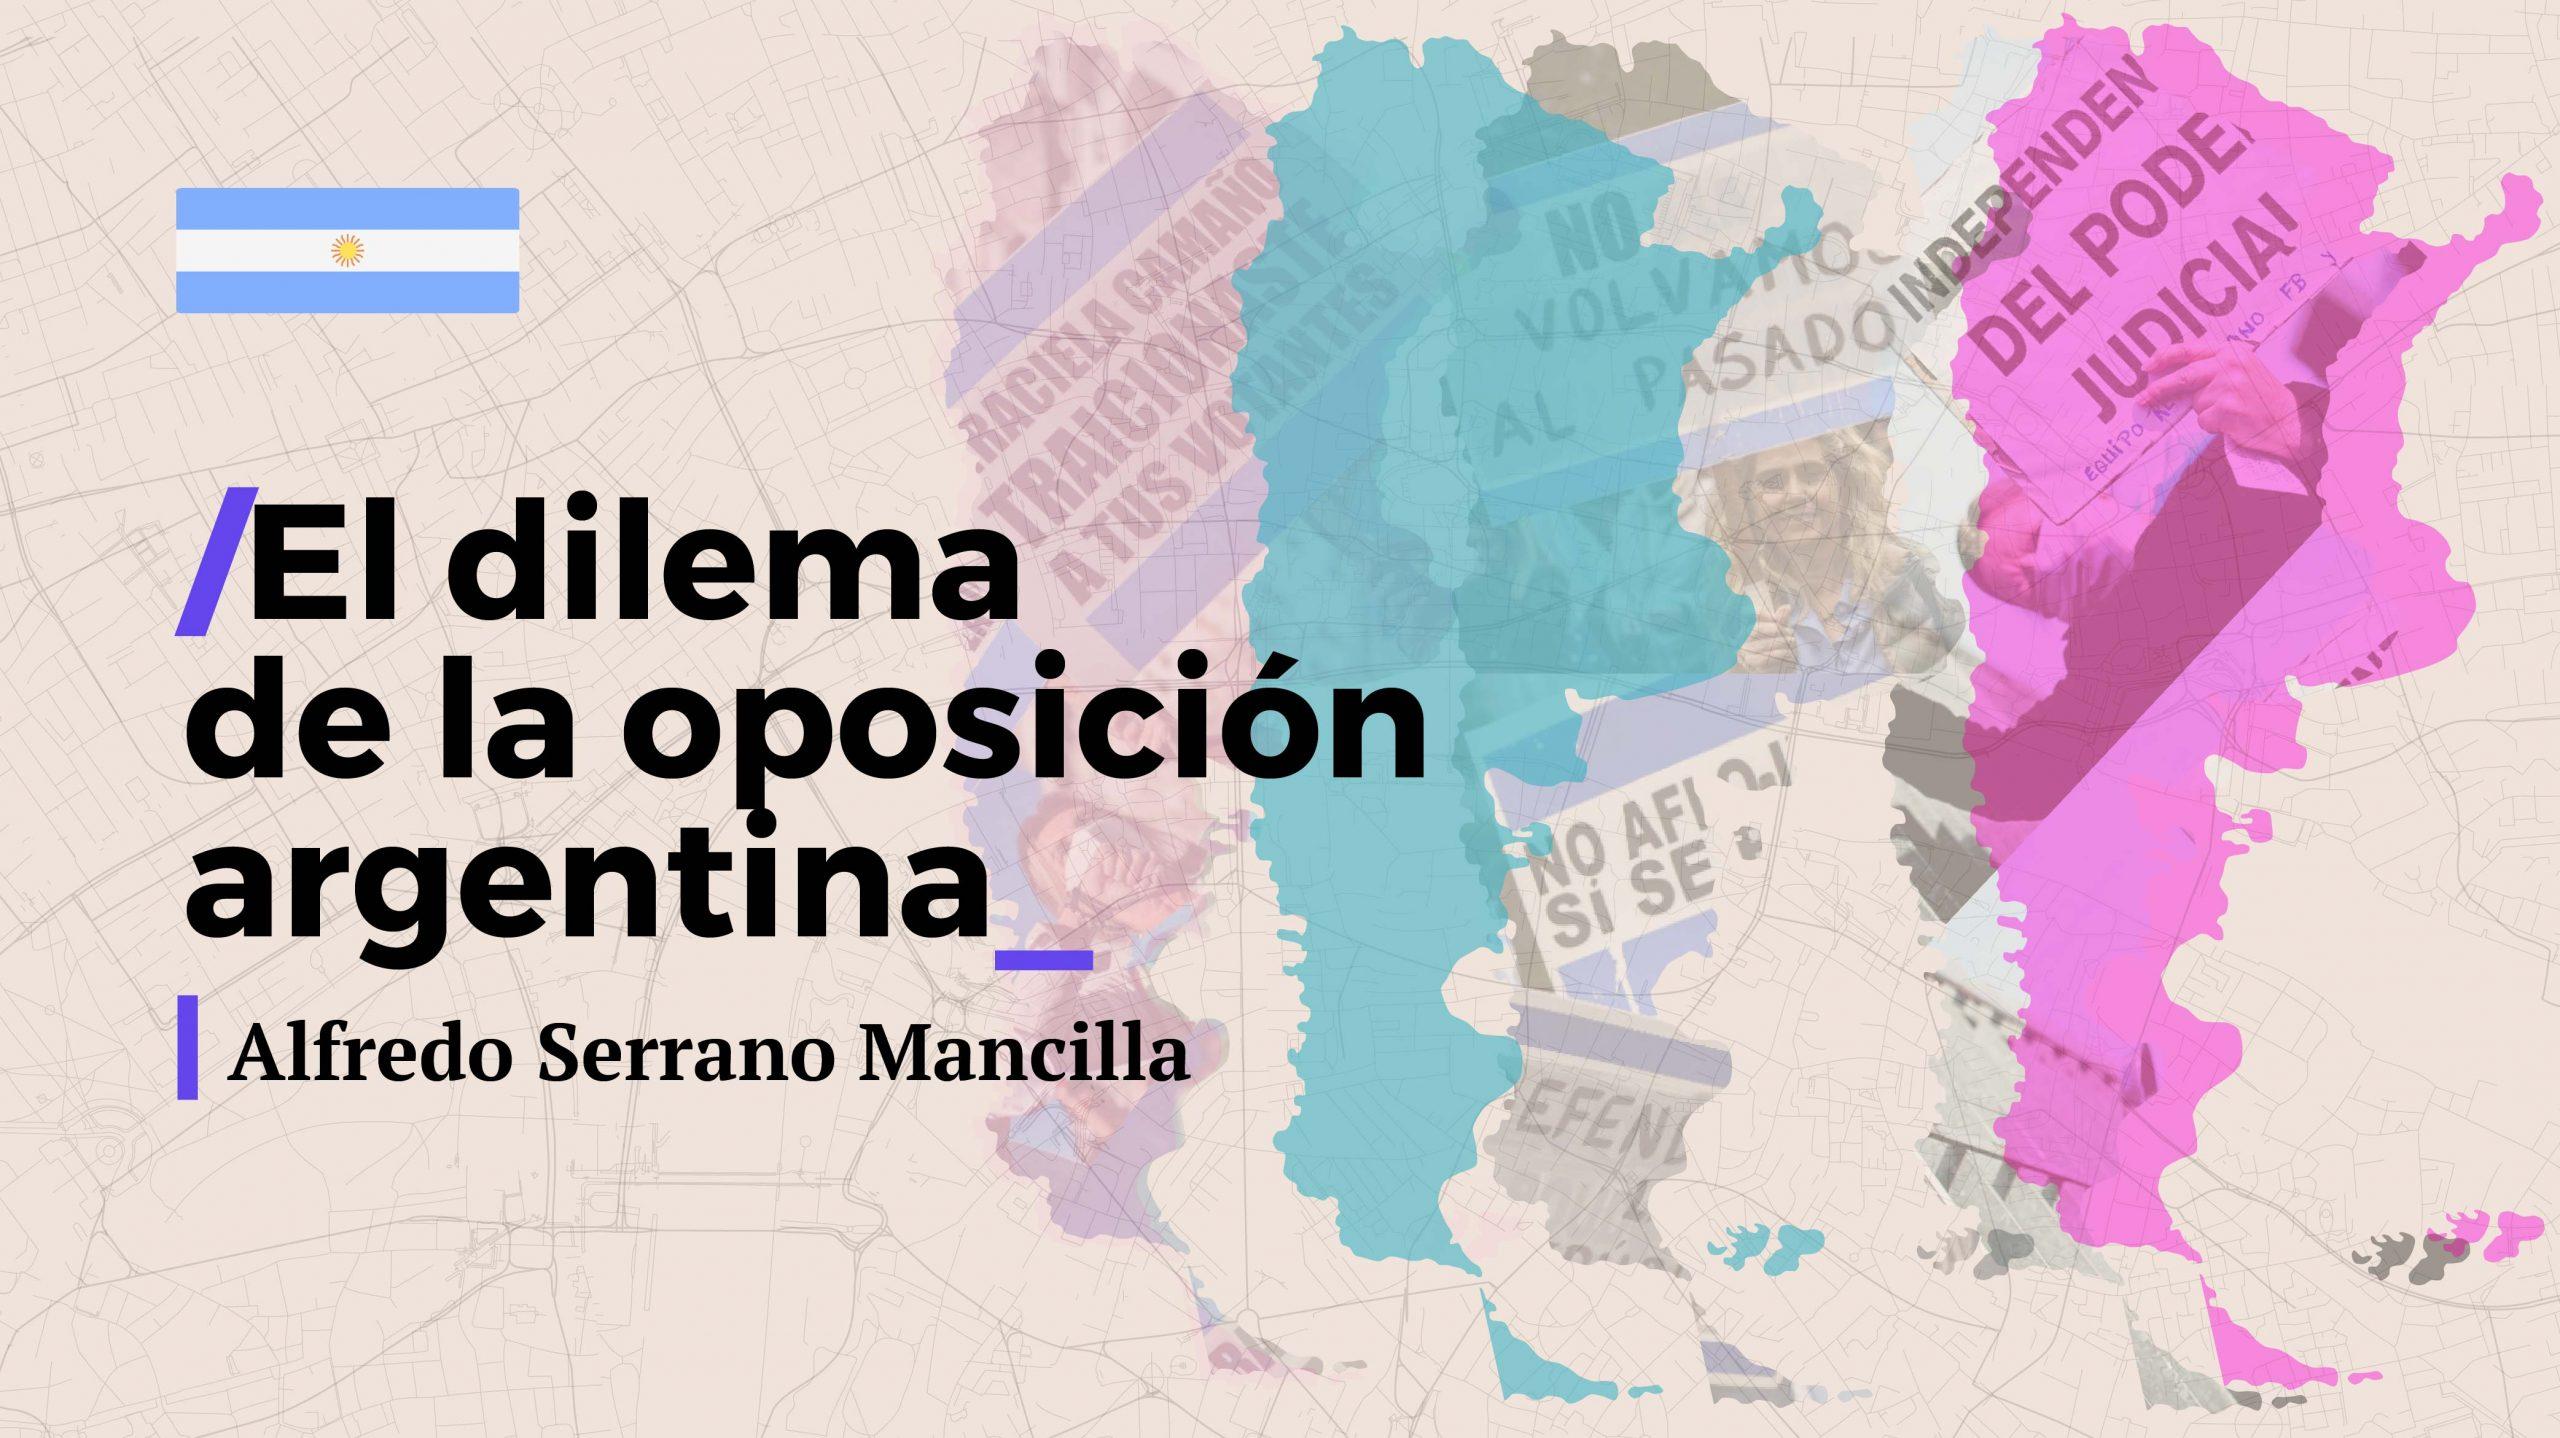 El dilema de la oposición argentina